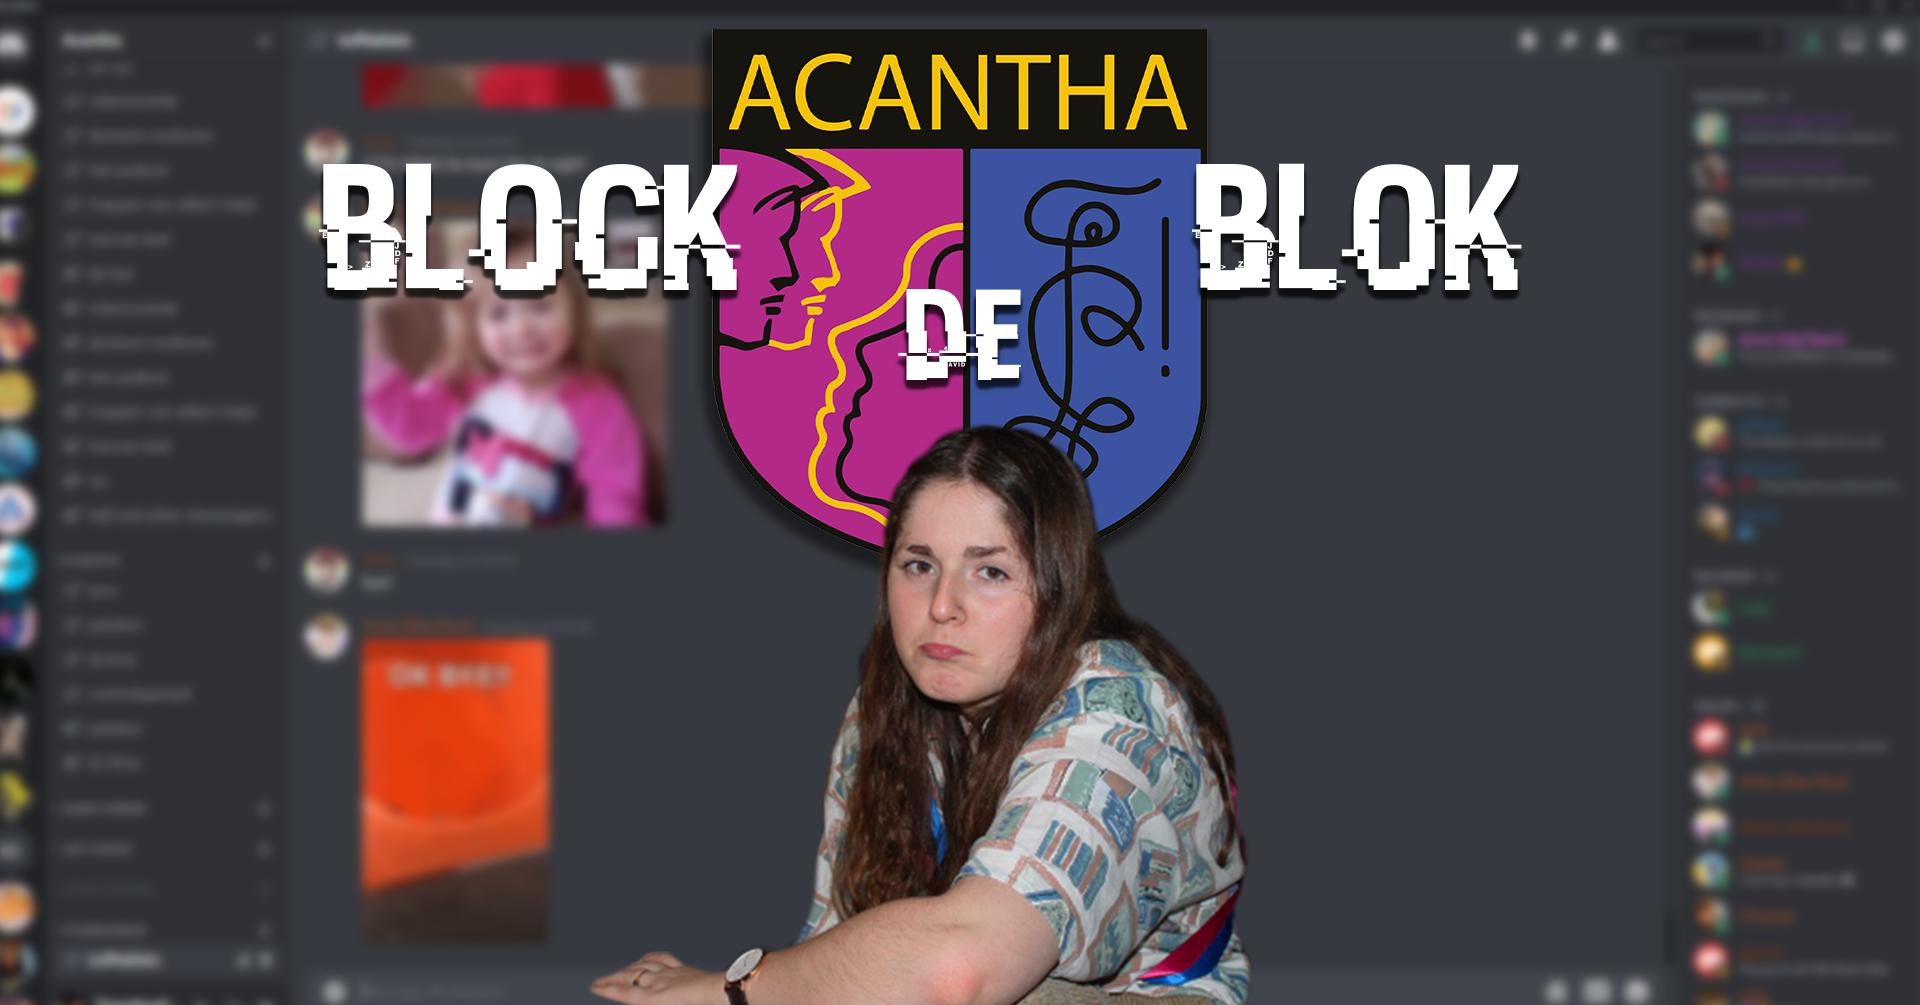 Acantha Block de blok blokpauze